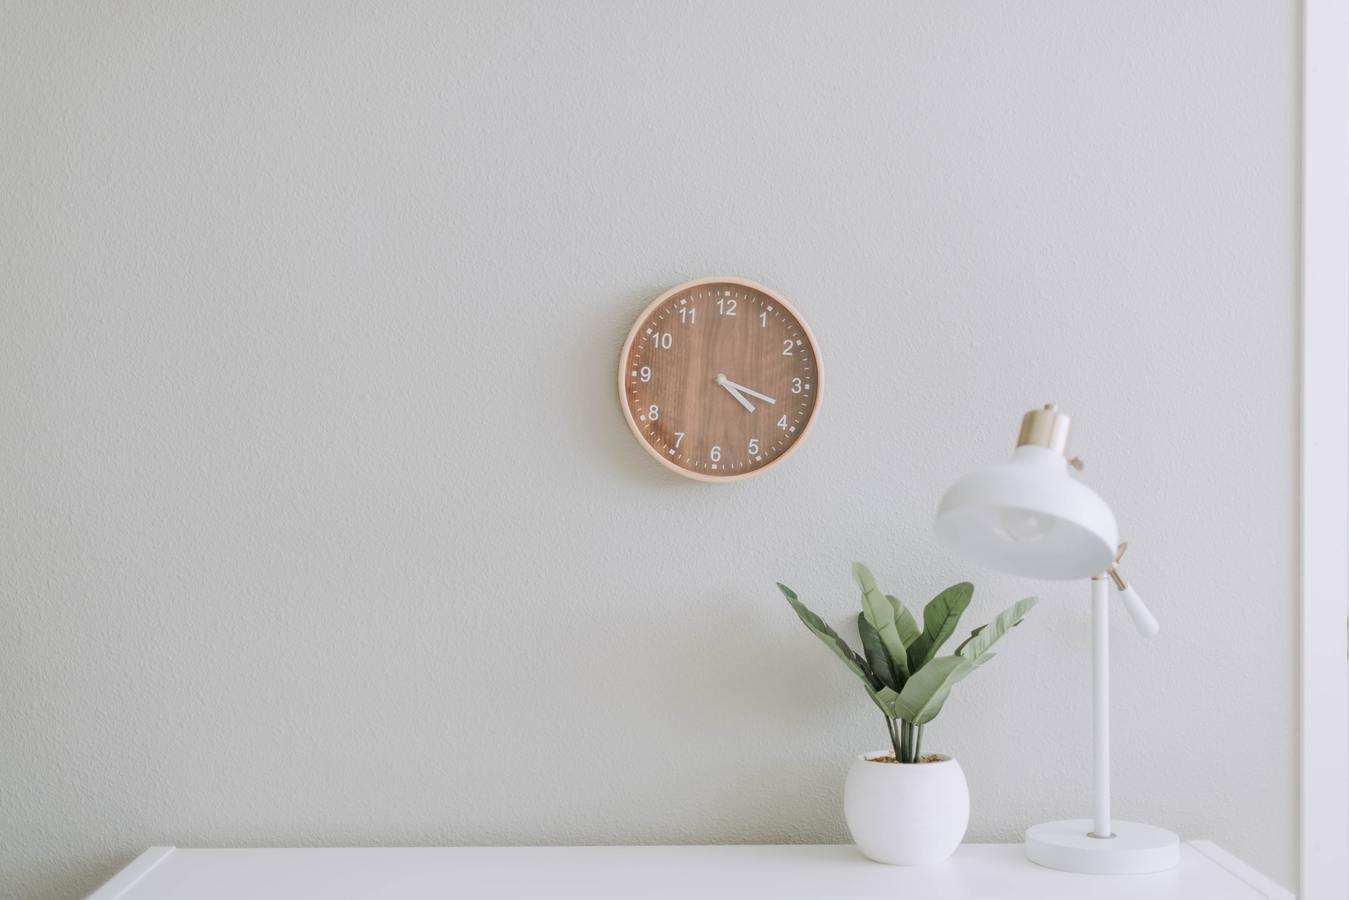 Zegar ścienny nad stołem, lampa i roślina.